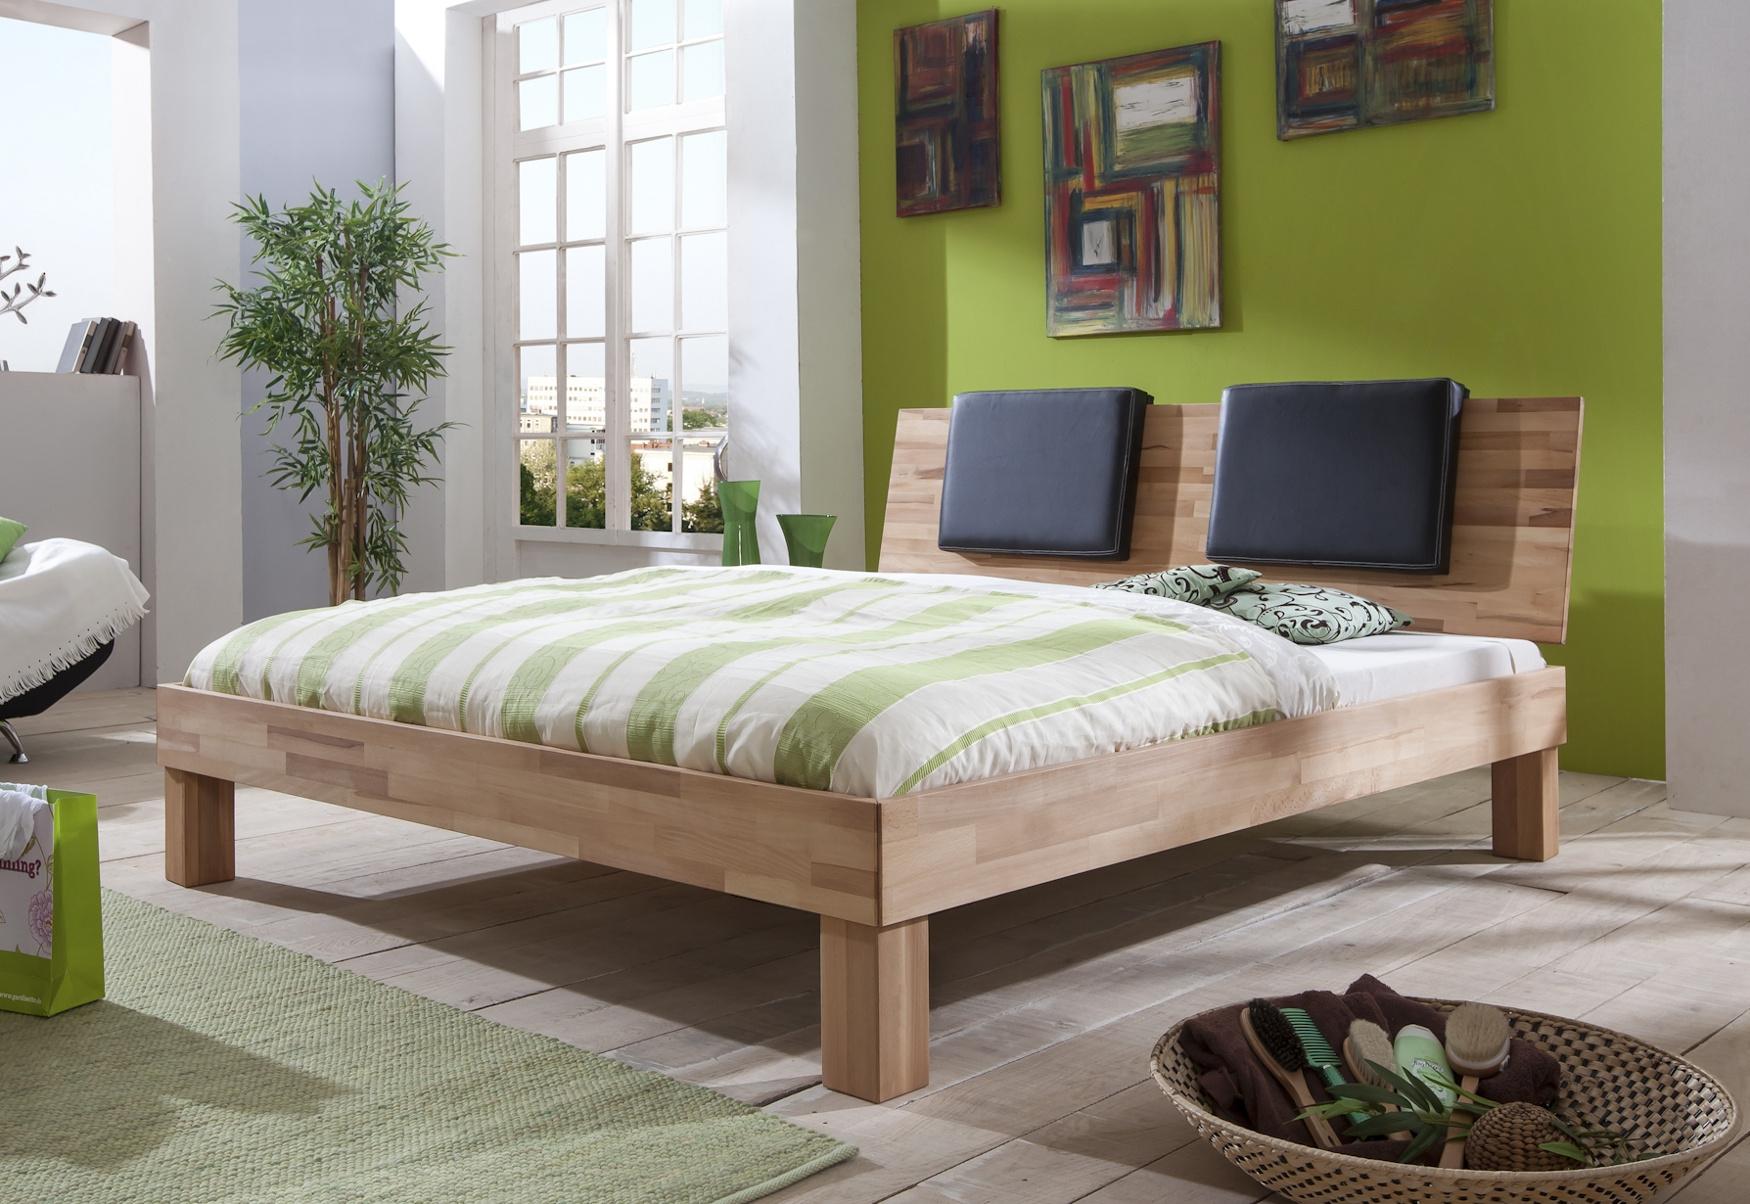 Futonbett max liegefl che 140 x 200 cm massivholz for Bett japanisch